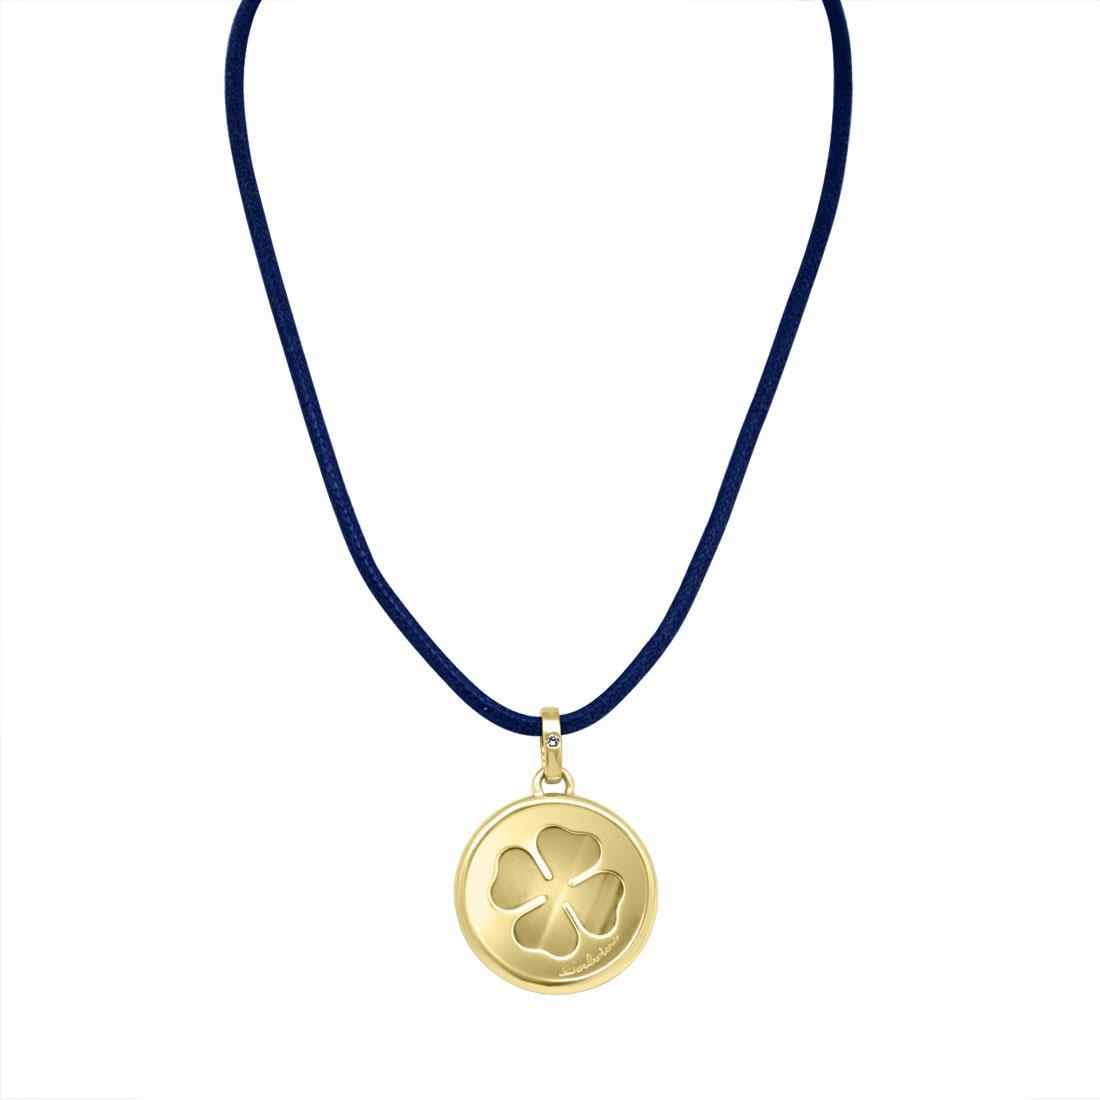 Collana in oro giallo con diamante ct 0.007, lunghezza 60 cm - SALVINI